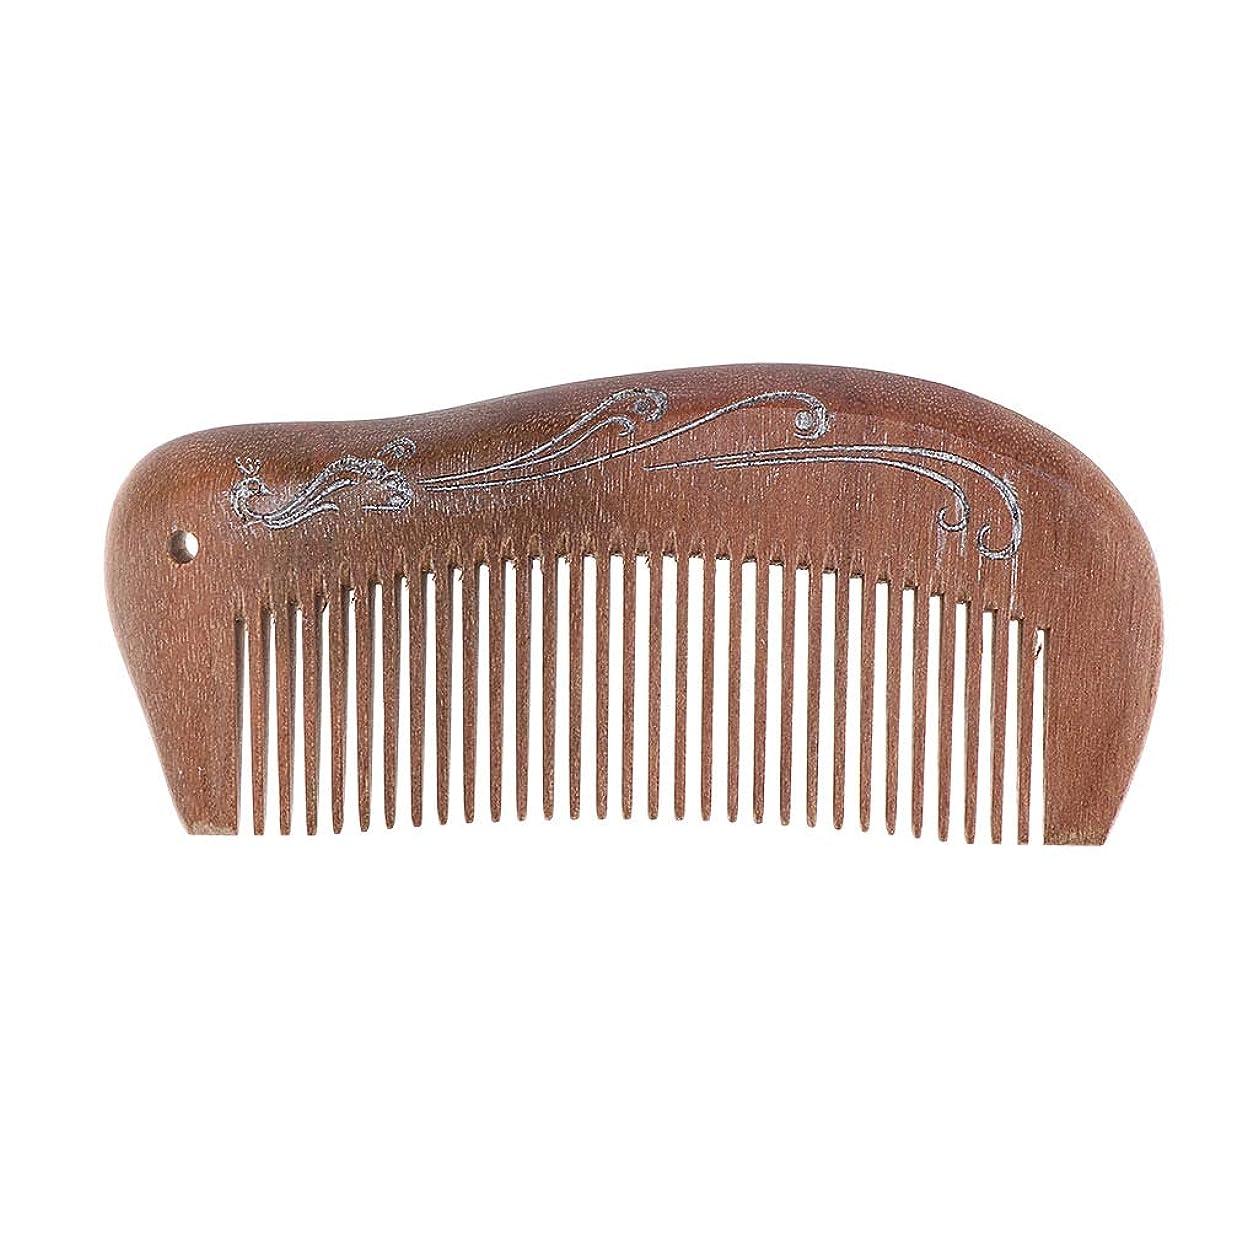 同僚発生対抗天然のビャクダンの木の細い広い歯のもつれを解消するヘアブラシのひげの櫛 - 12.5×5.5 cm